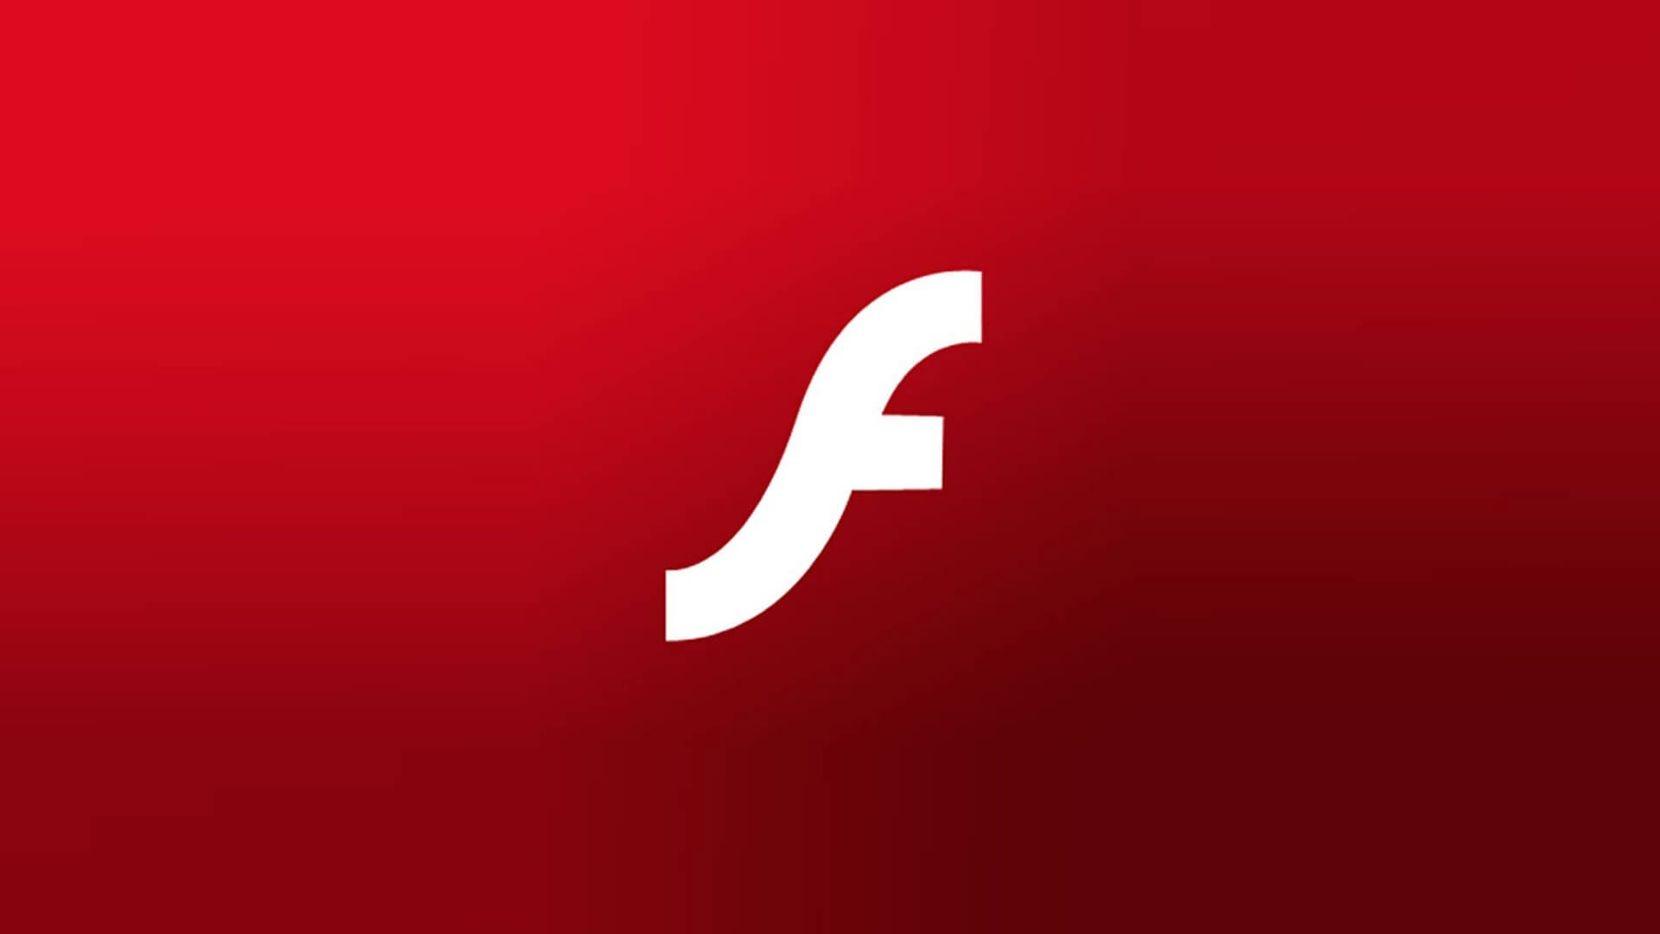 Adobe Flash is dead.